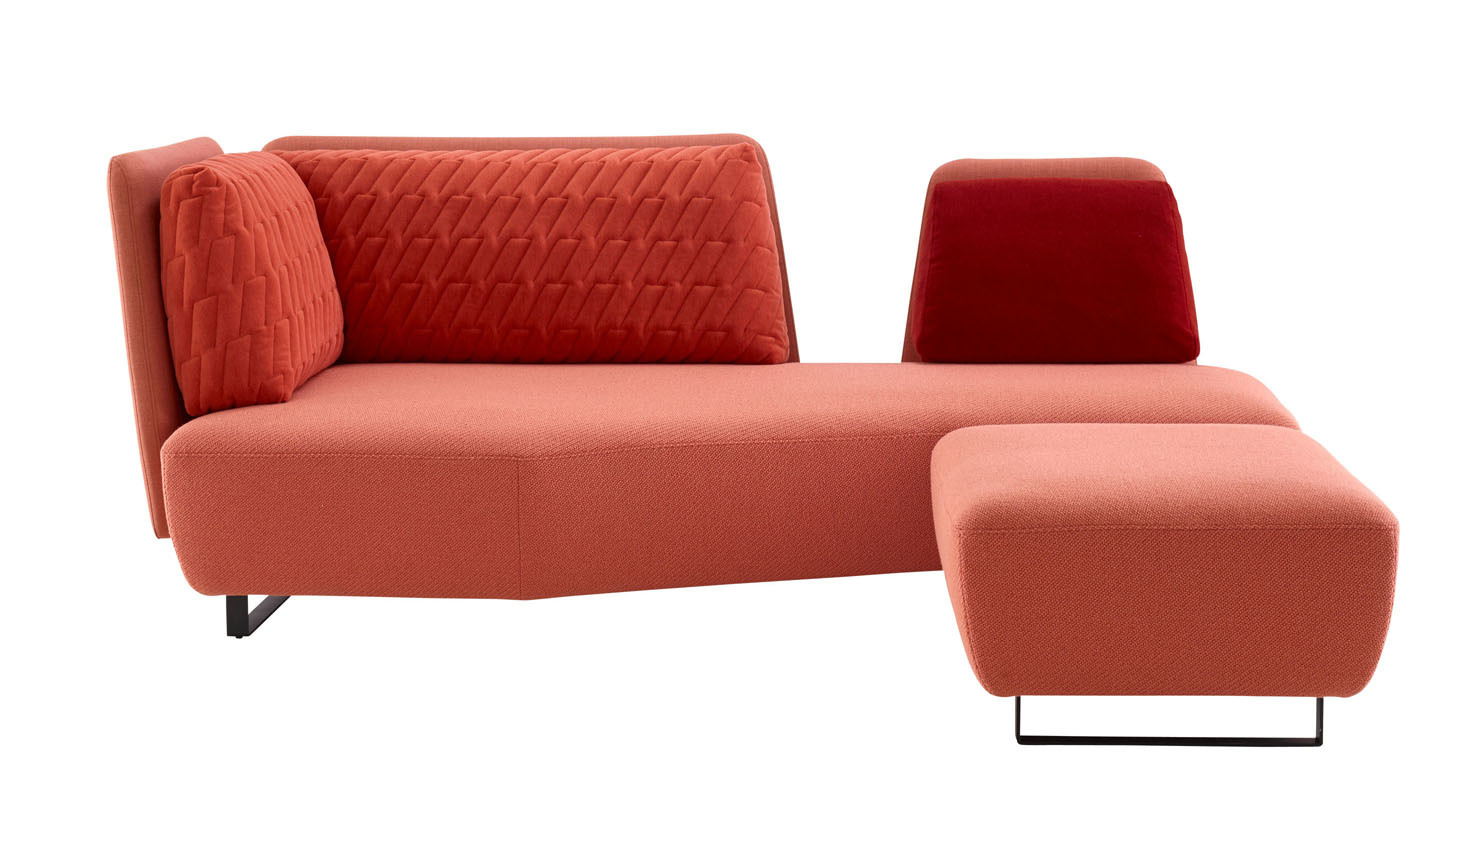 schlankes volumen das sofa l 39 impr vu von ligne roset stylepark. Black Bedroom Furniture Sets. Home Design Ideas